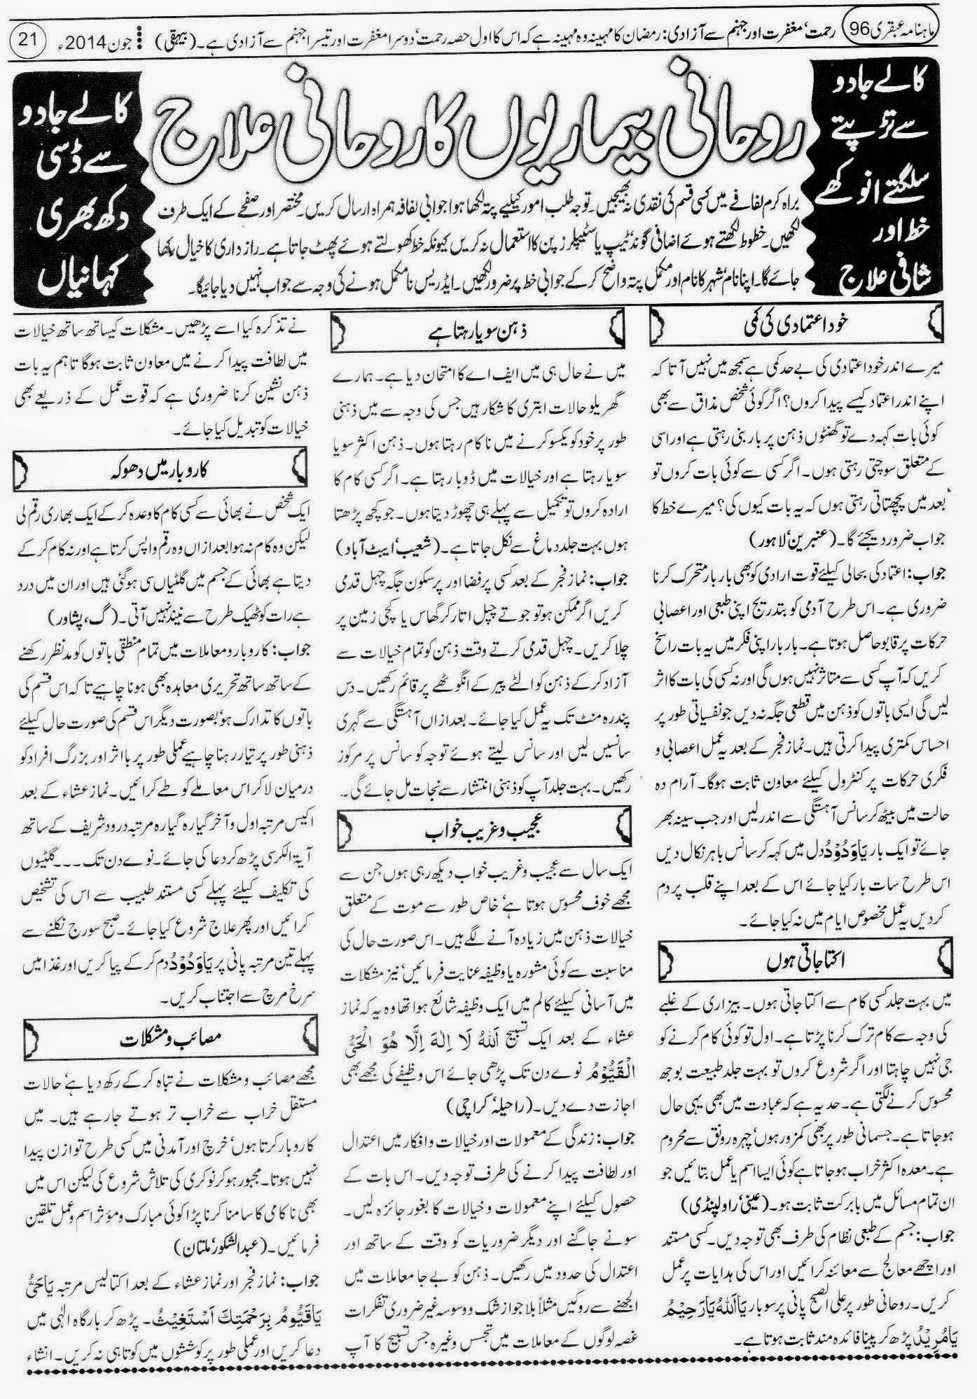 ubqari june 2014 page 21